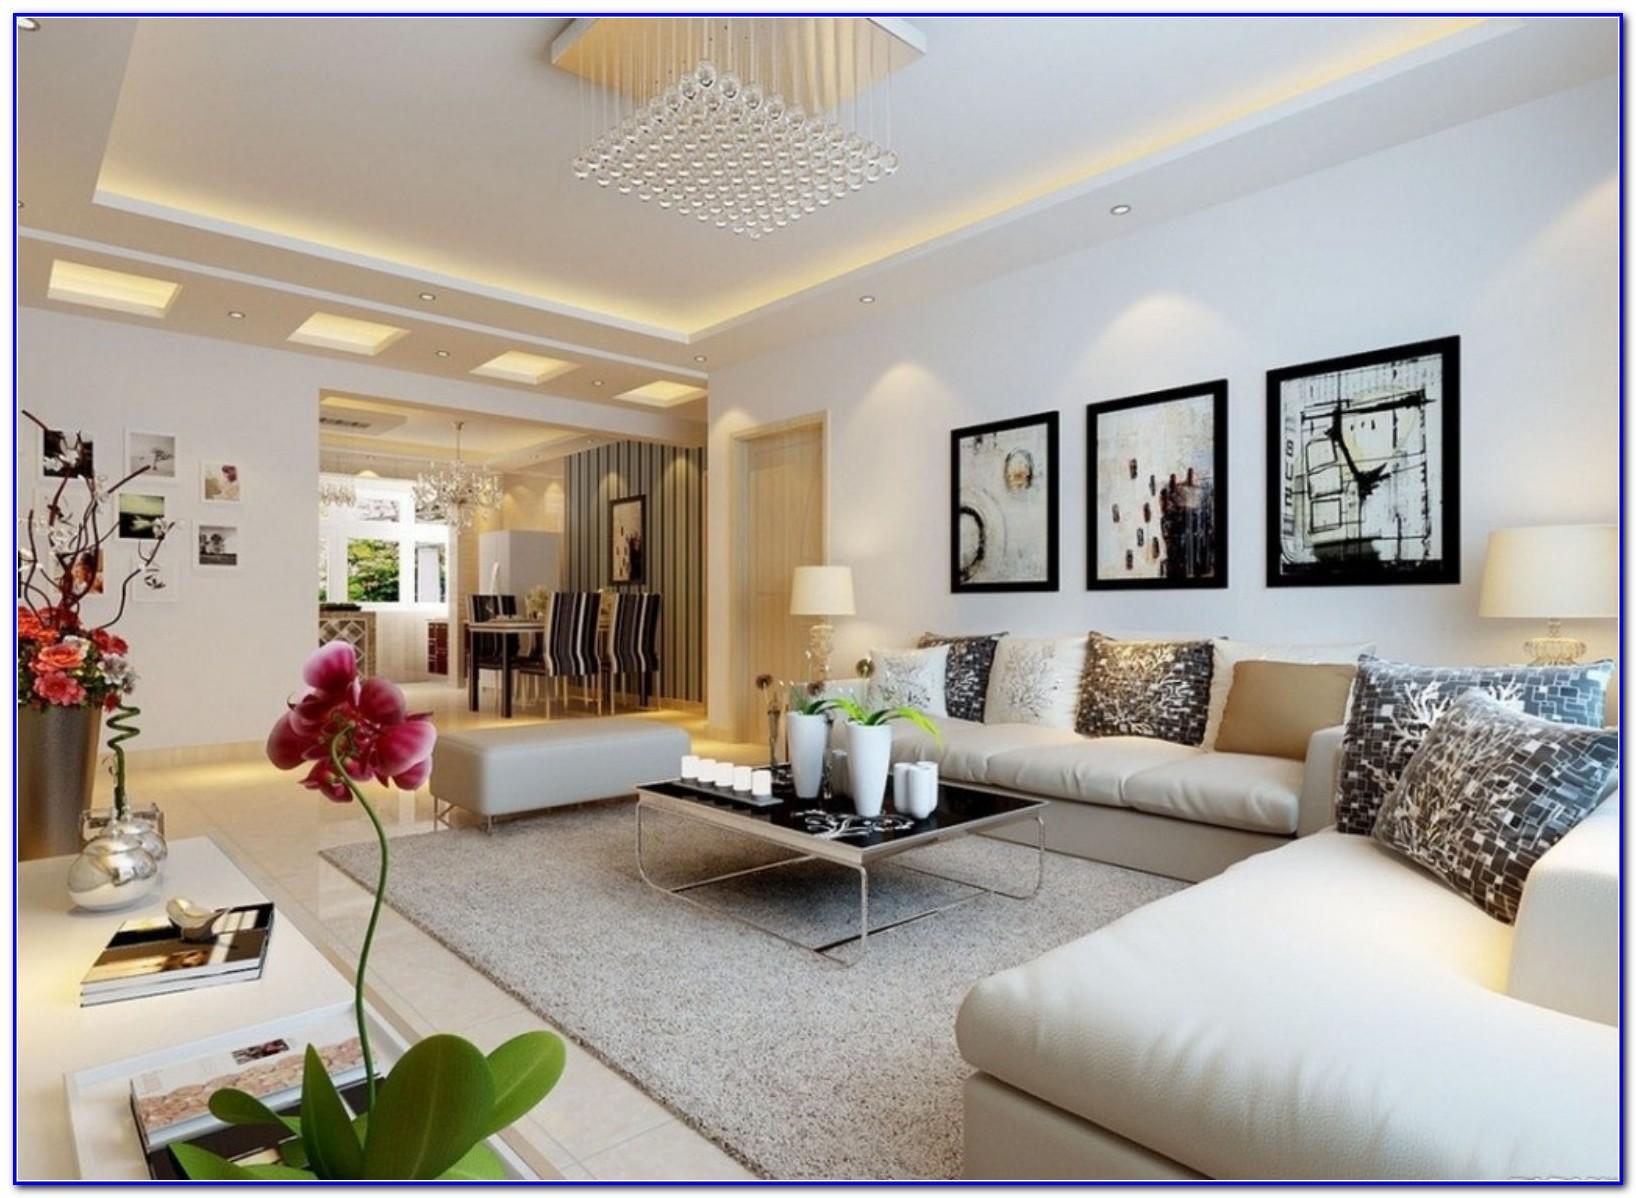 Living Room Feng Shui Tips ~ Idei interesante pentru a proiecta ...